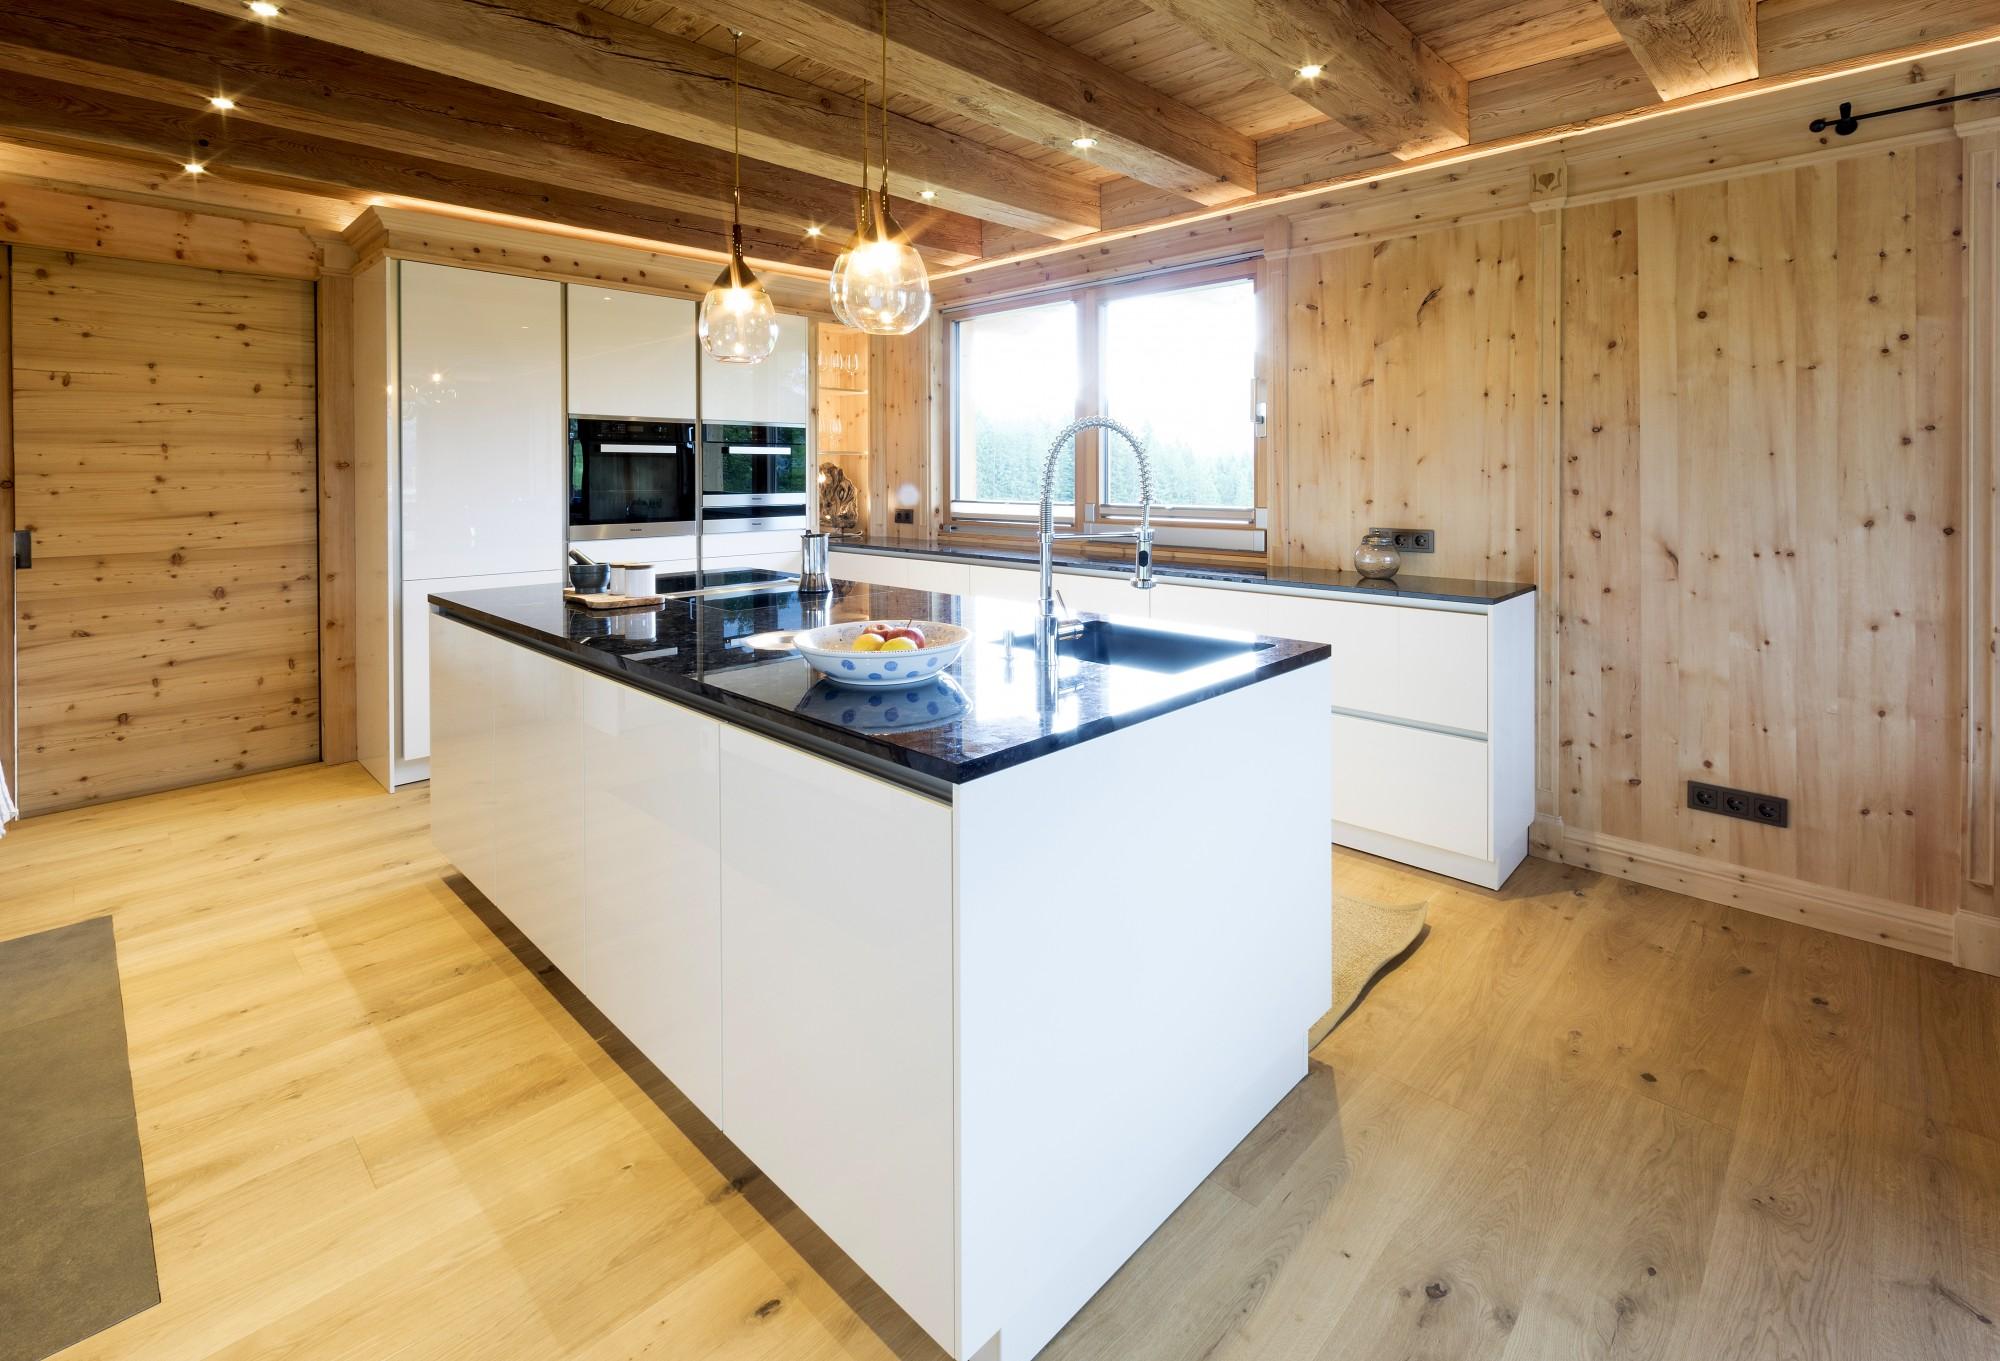 Küche Zirbe • Das Holz und die Farbe